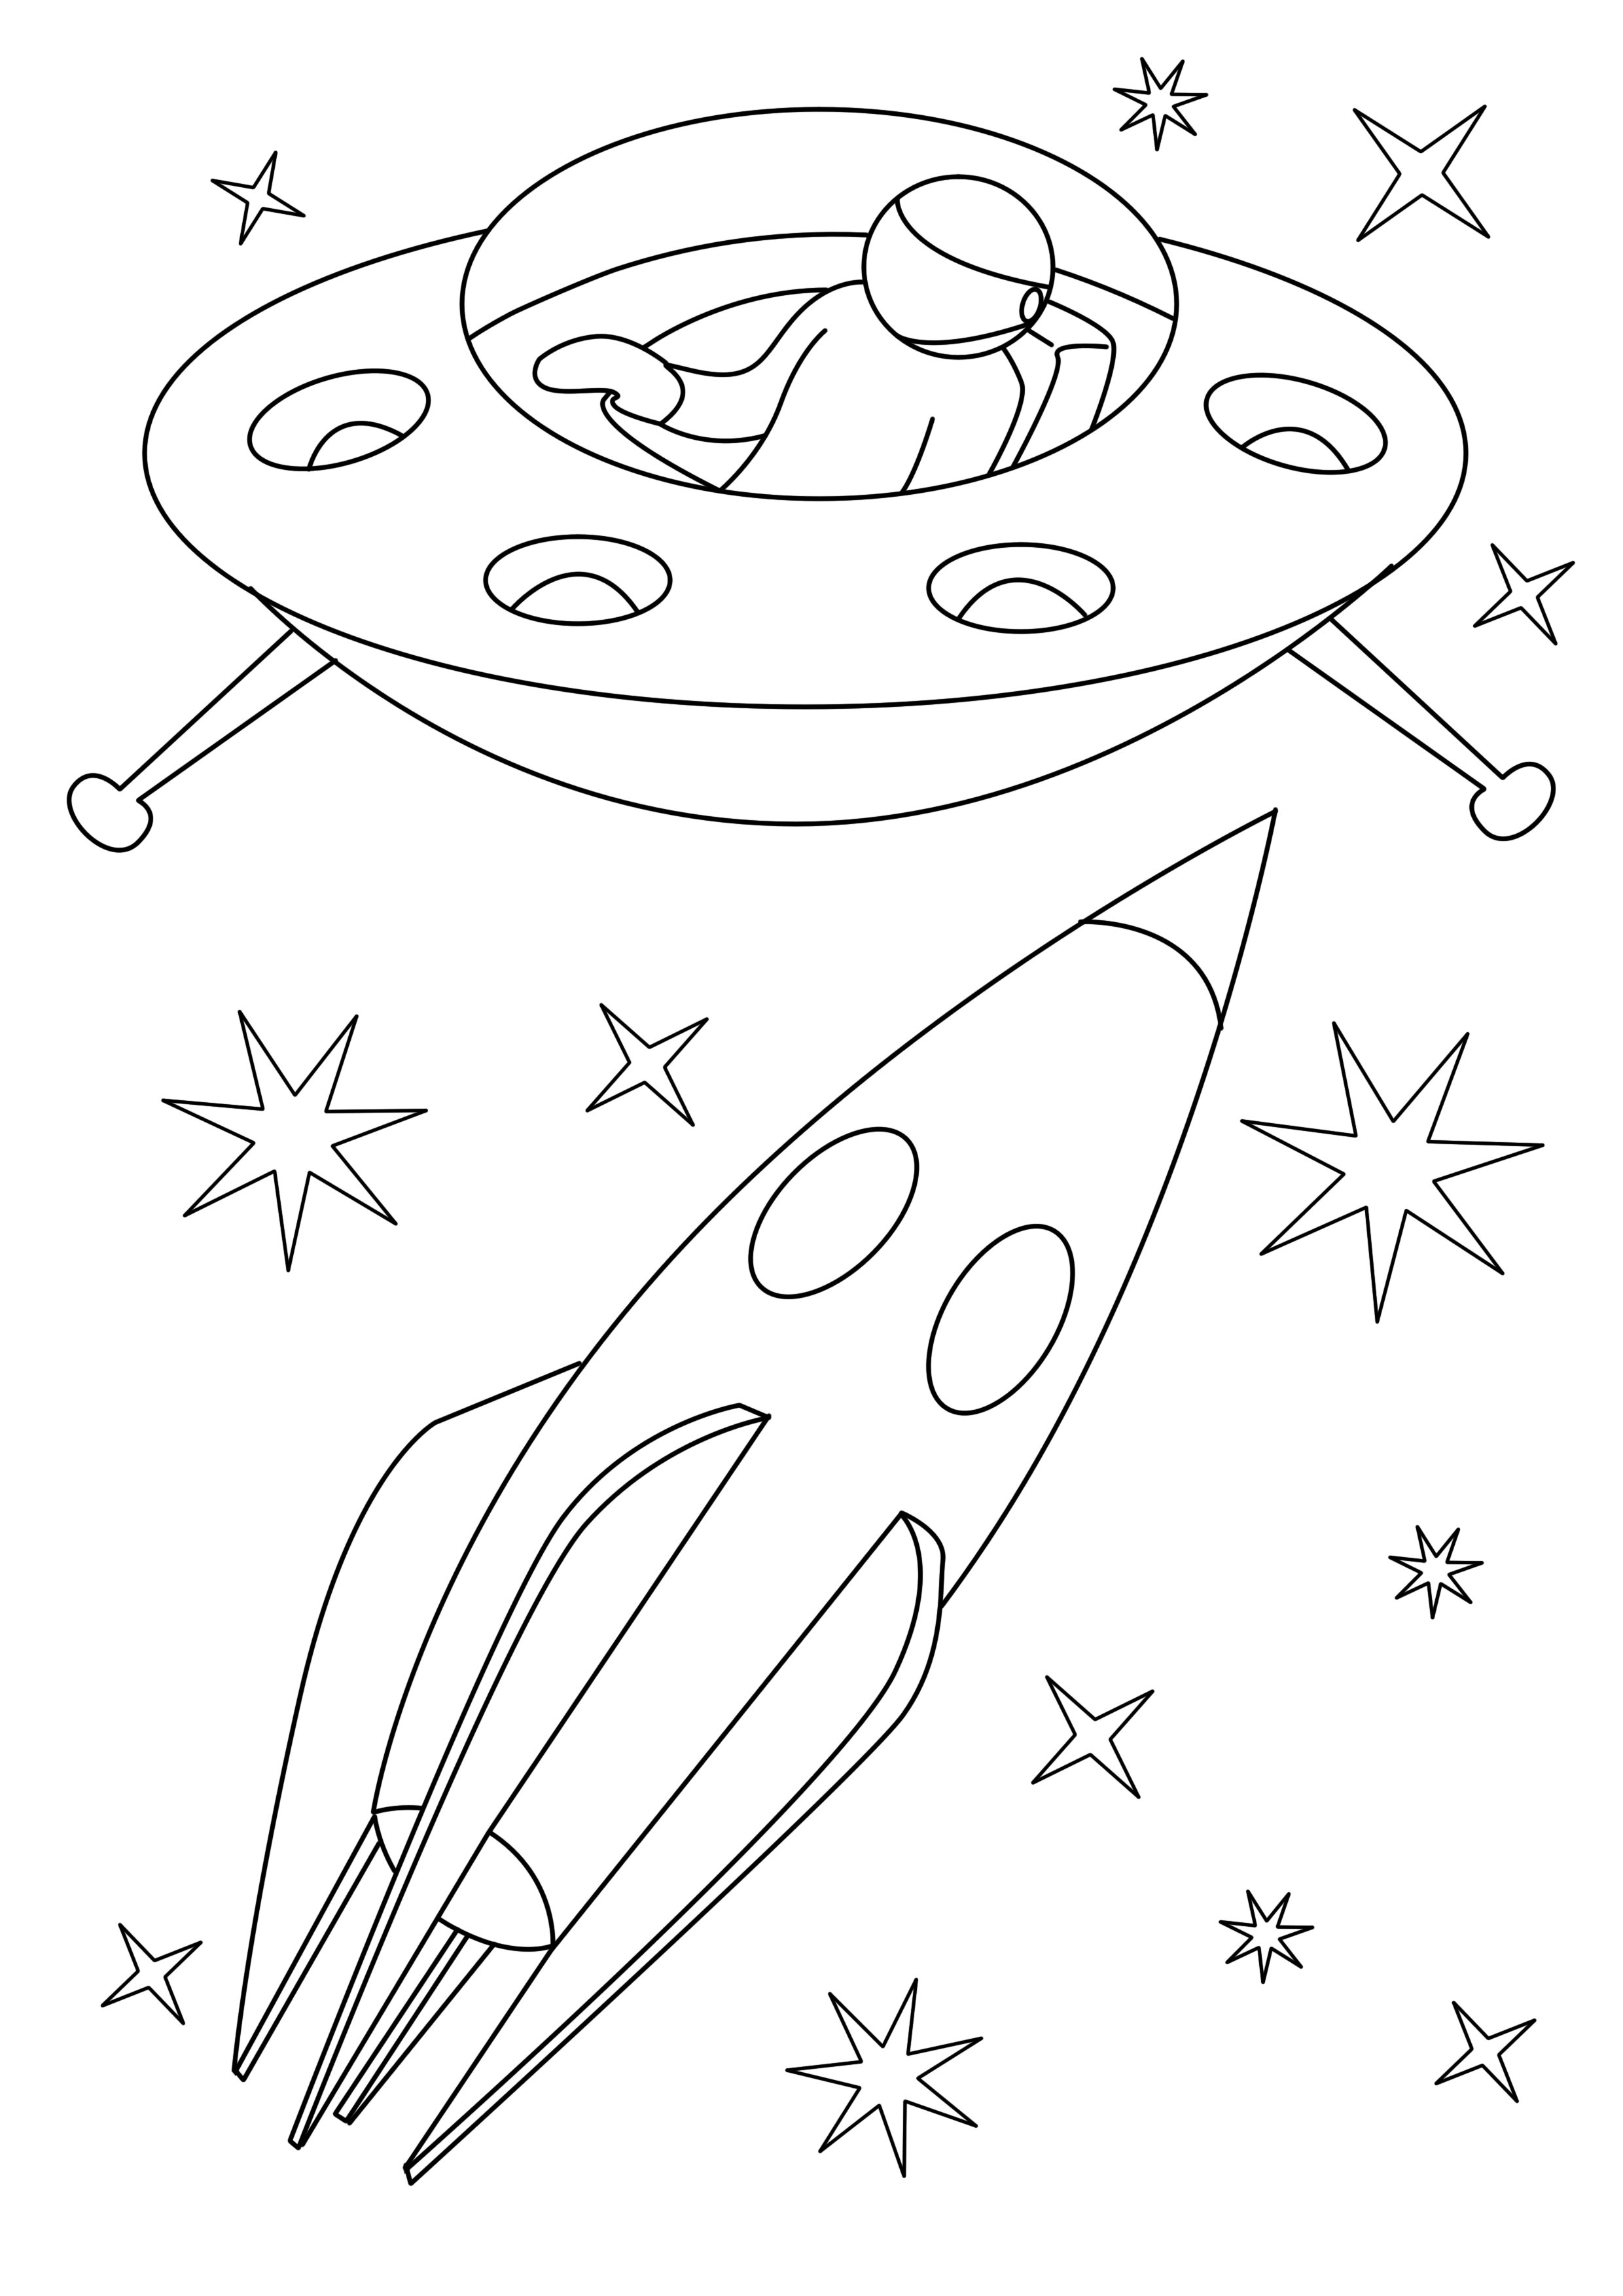 Раскраски для мальчиков 5, 6 лет - детские раскраски ...